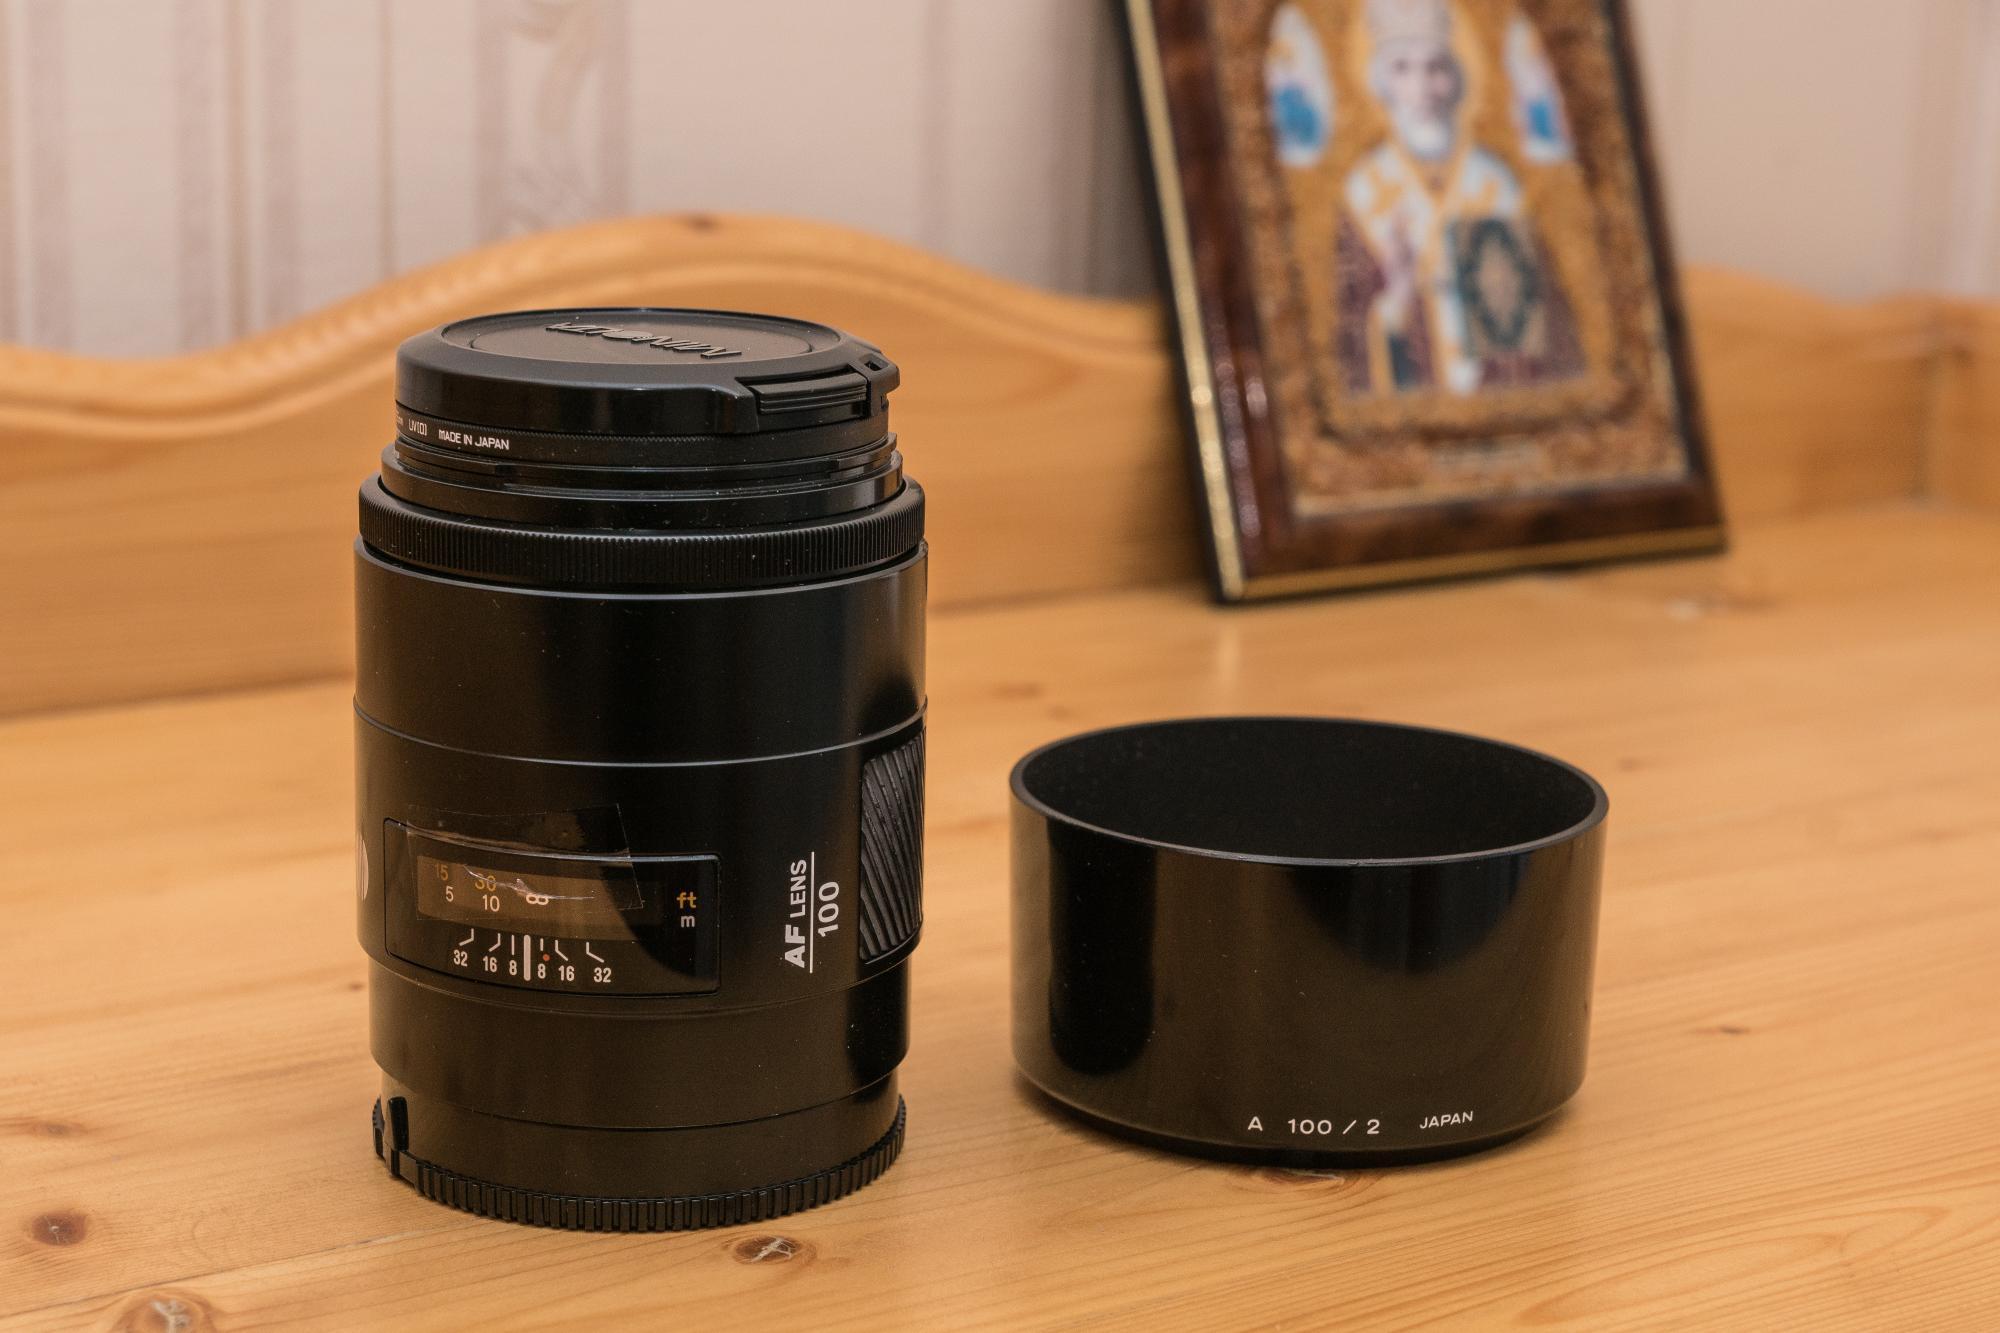 Minolta 100/2 Sony A портретник-шедевратор в Москве 89022832552 купить 1